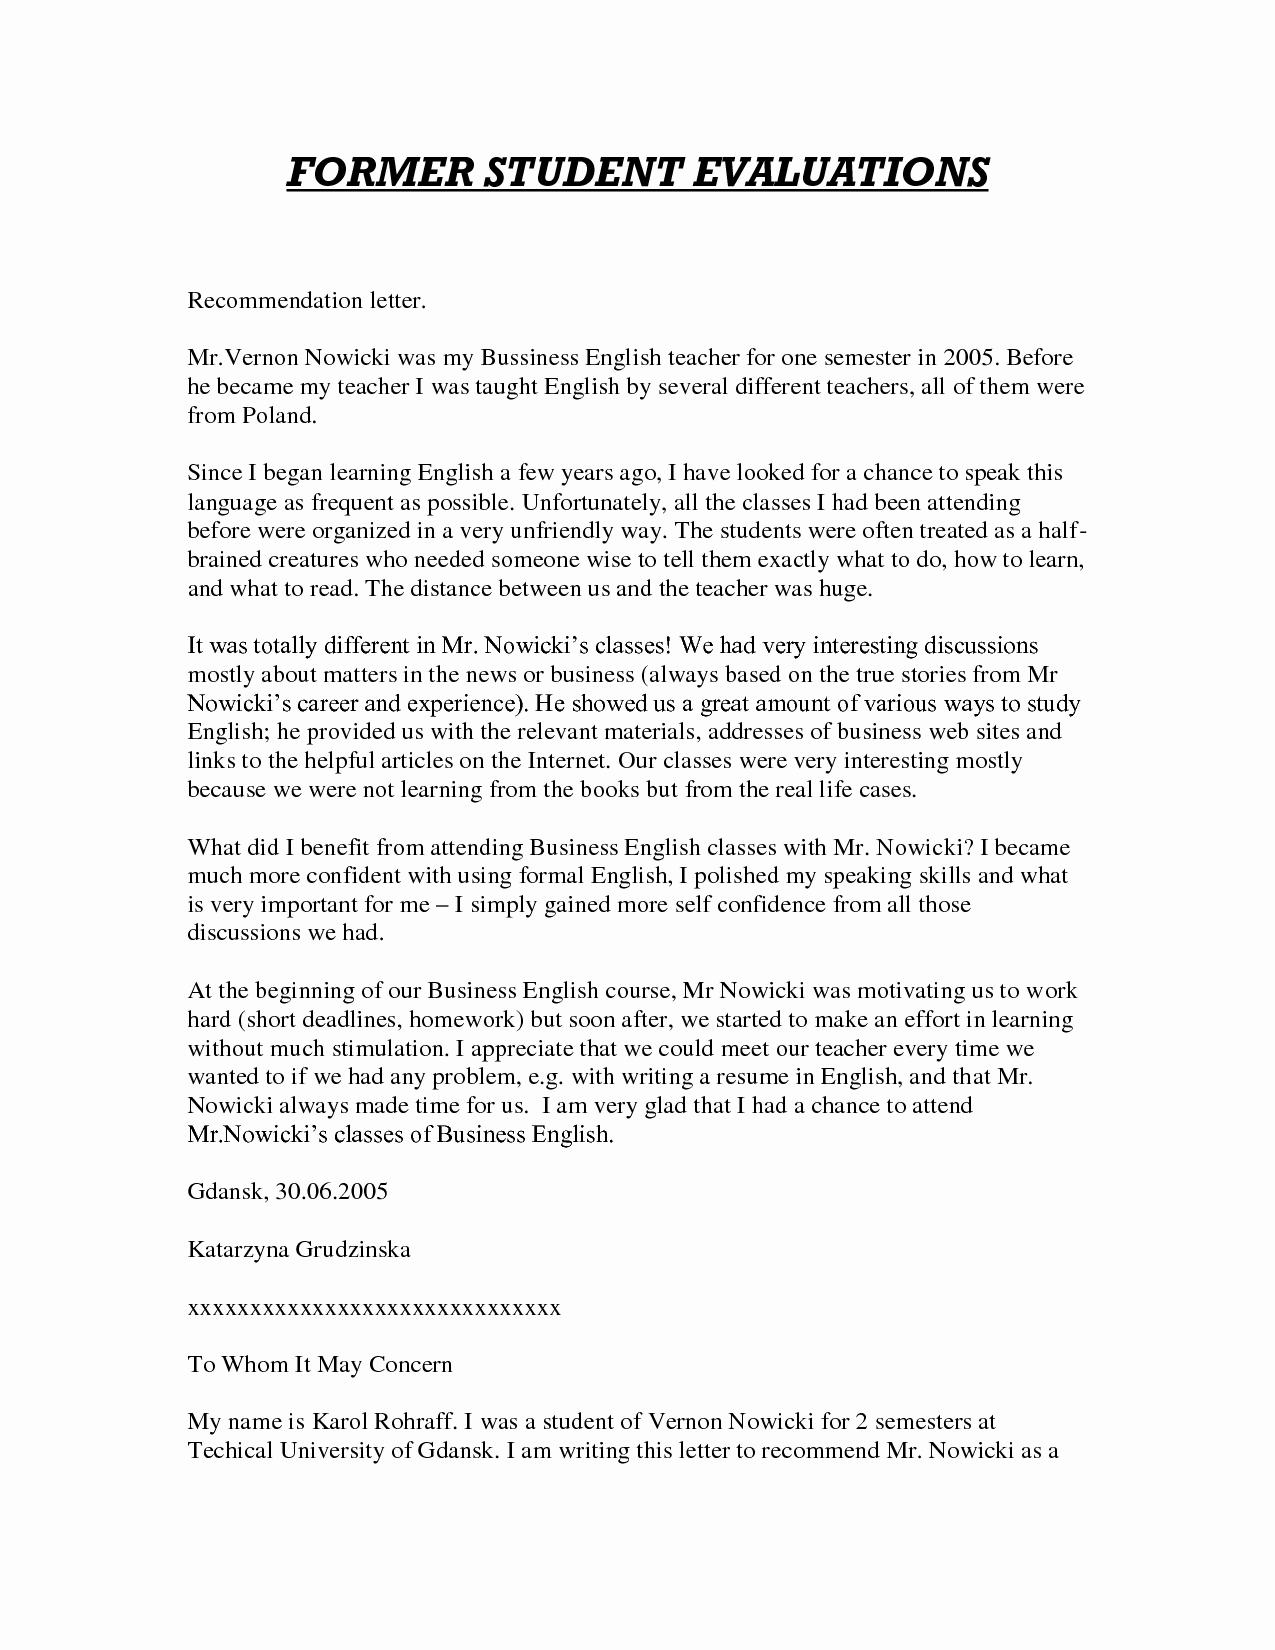 Sample Teacher Recommendation Letter Inspirational Sample Letter Of Re Mendation for Teacher